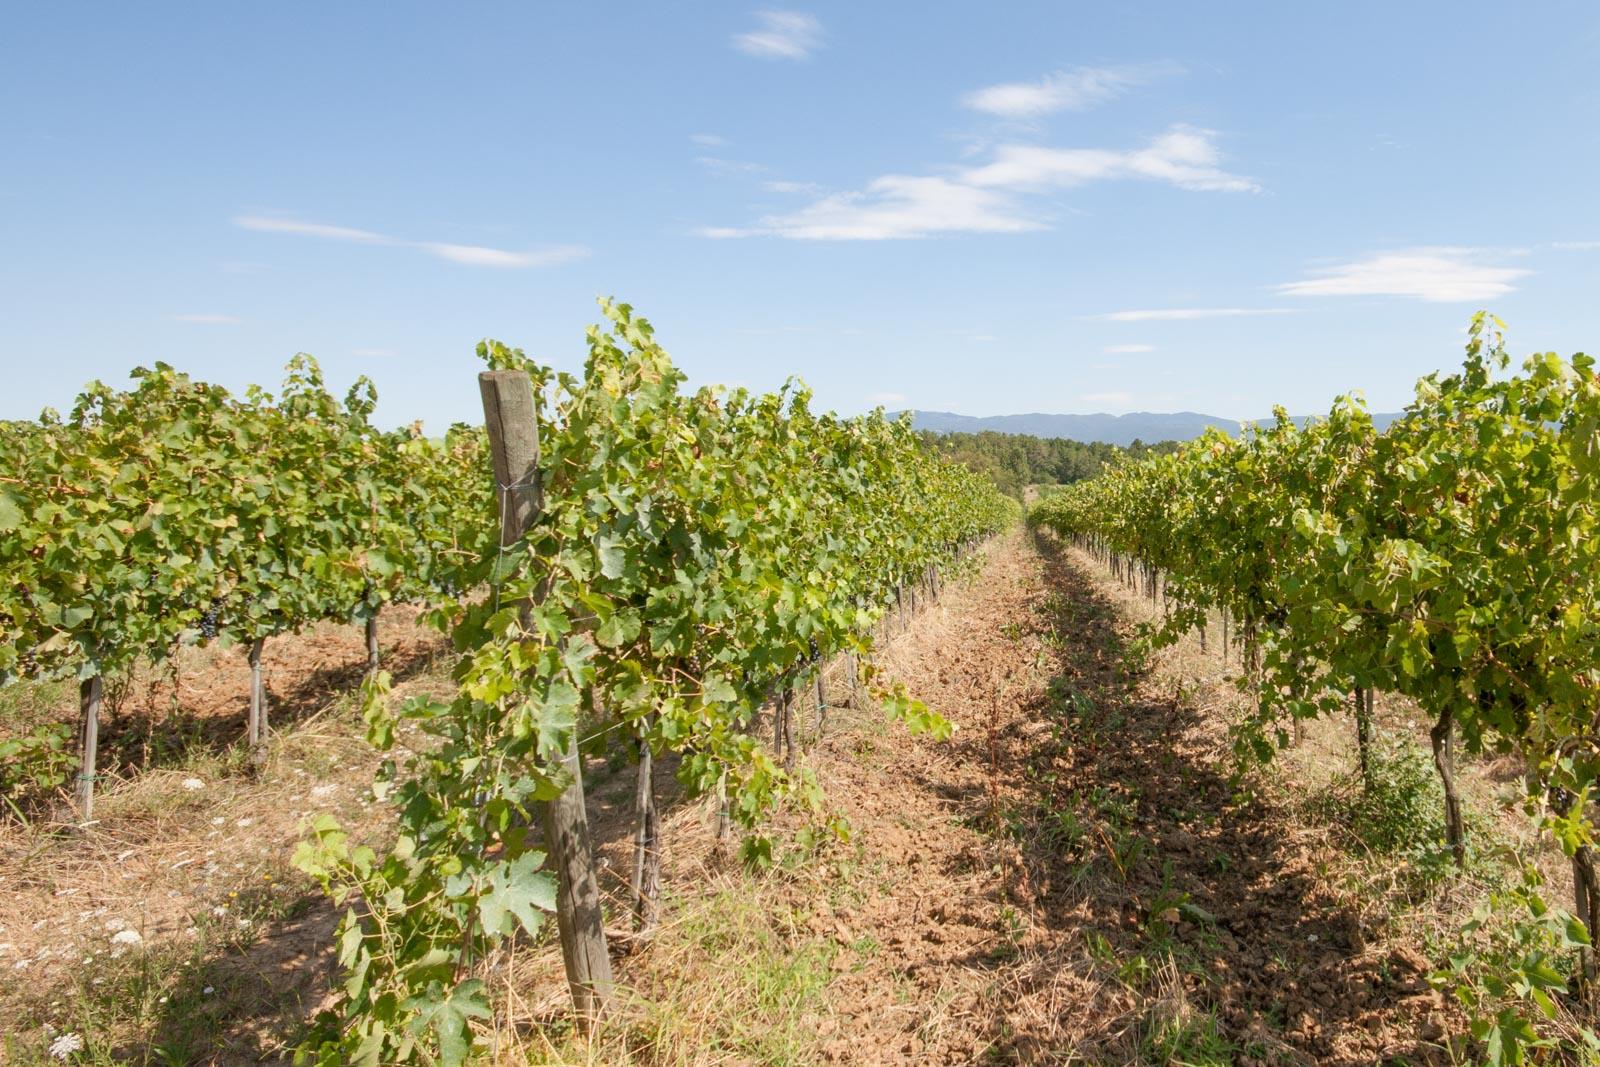 Azienda vinicola Vino Nobile di Montepulciano DOCG con 30 ha di vigneti in vendita